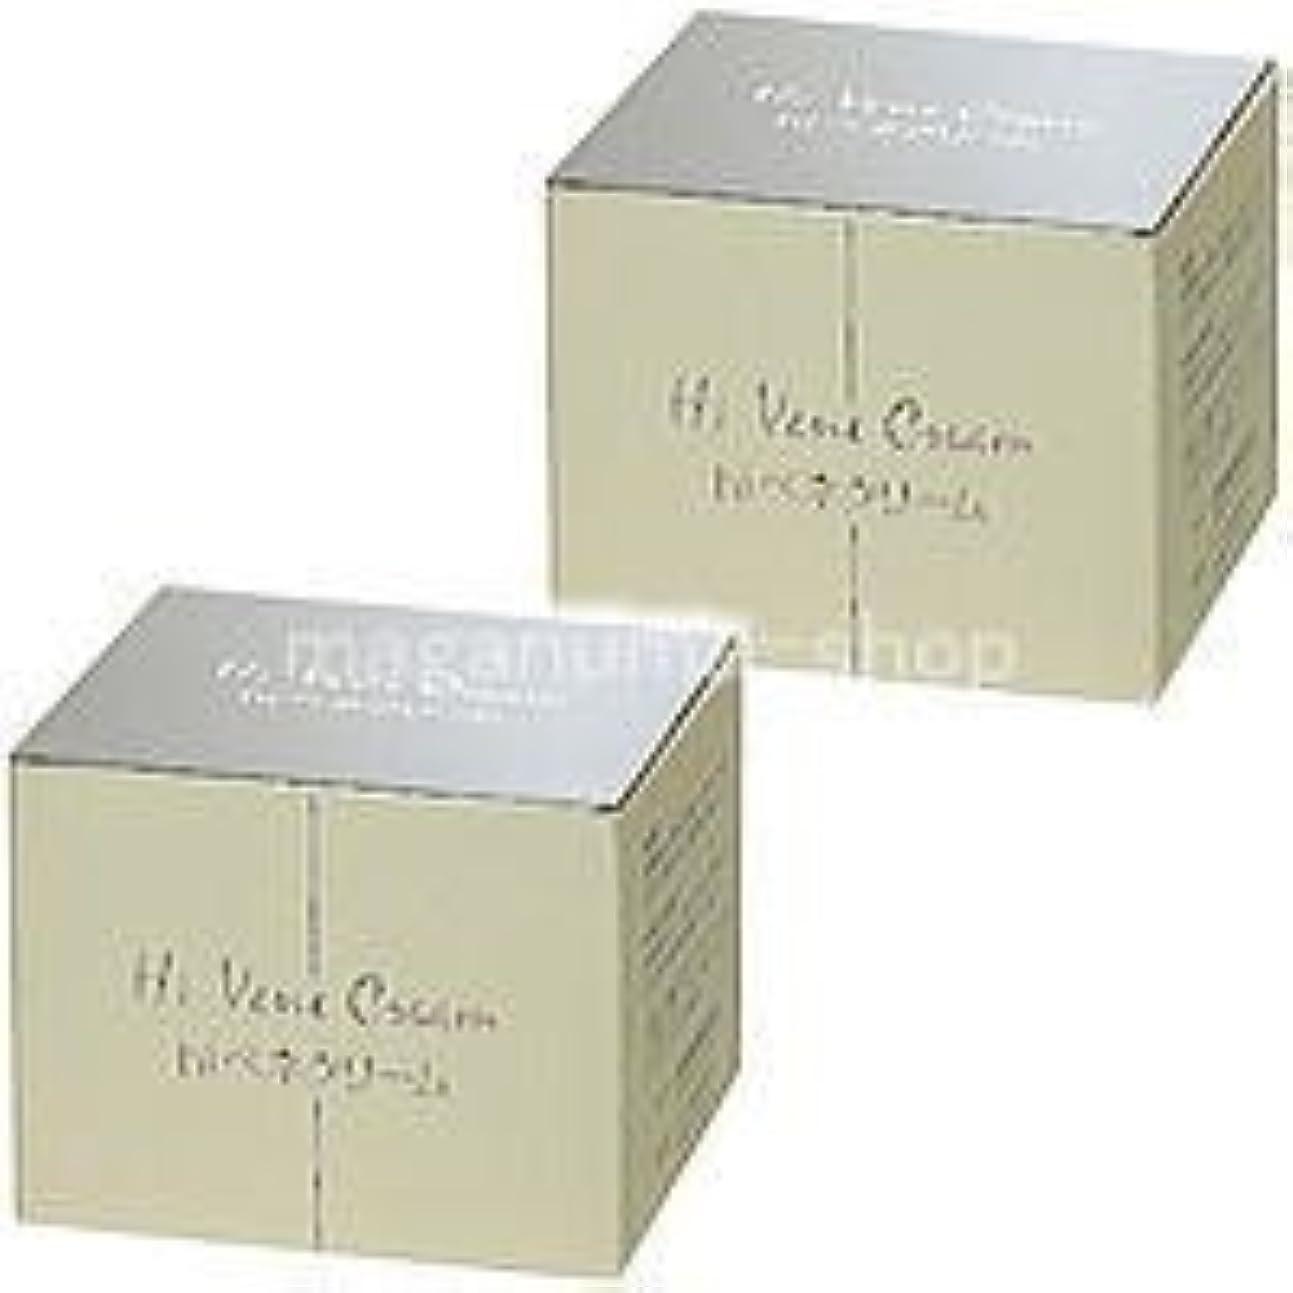 やりすぎ土面白いサンケイ薬品 hiベネクリーム 2個 (ハイベネクリーム)